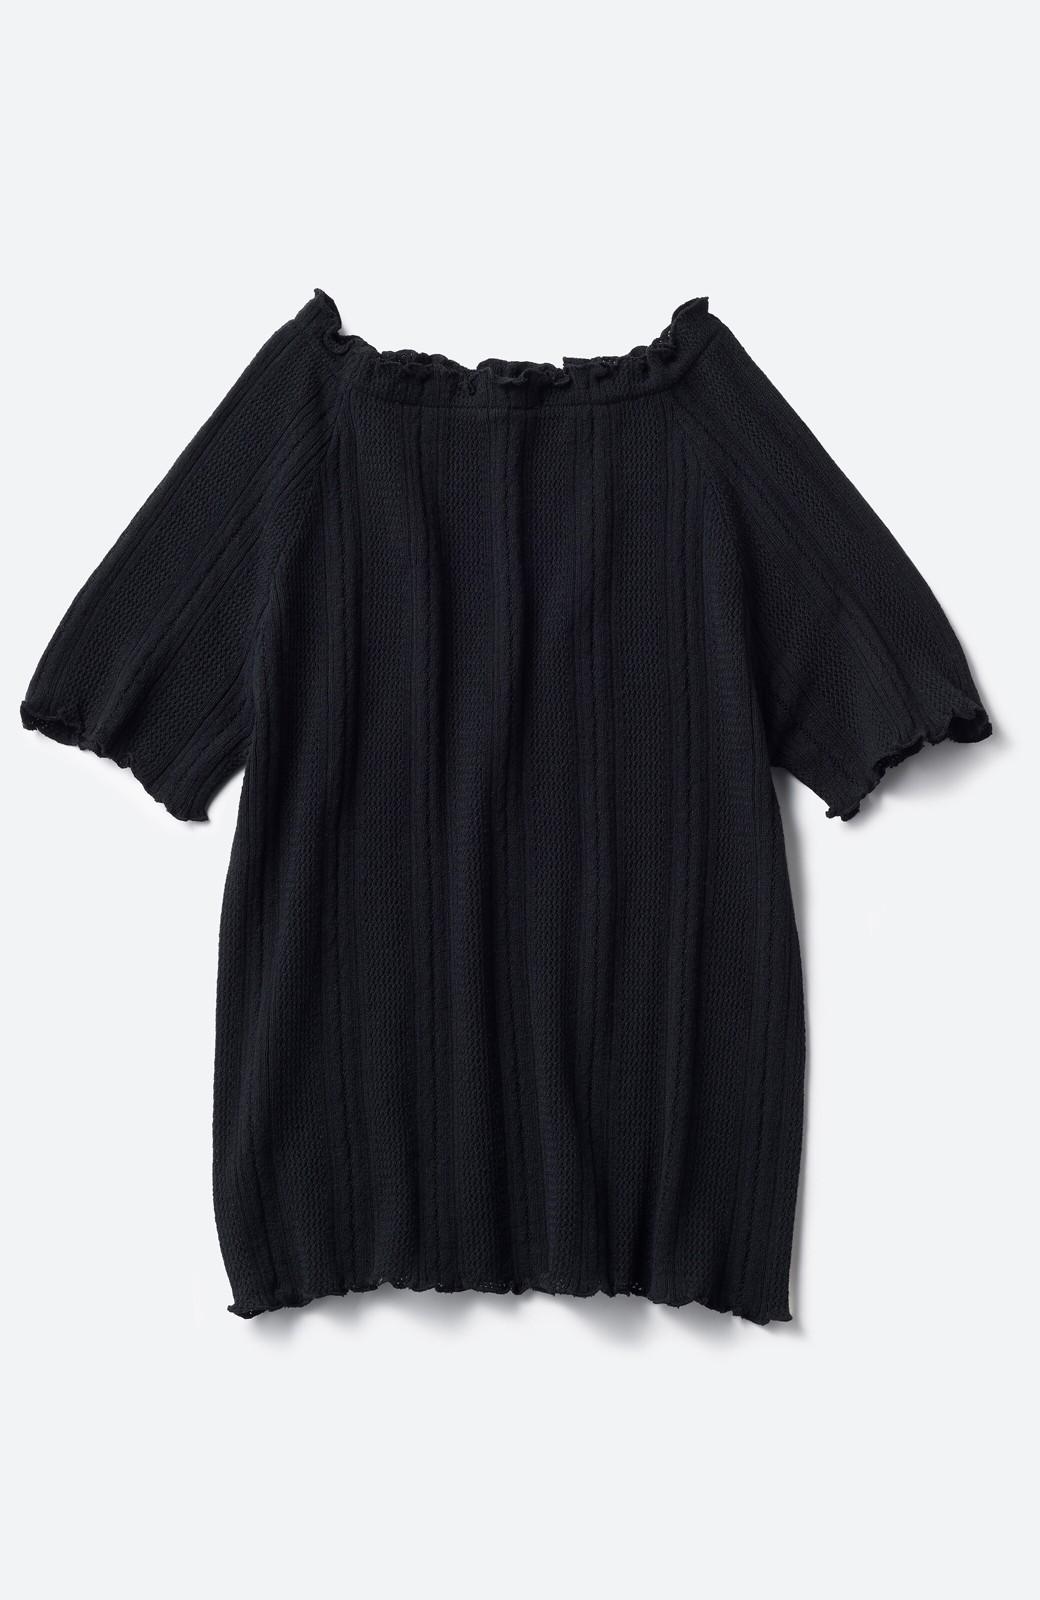 haco! スカートにもパンツにも合う ぴったりめがかわいい透かし柄ニット <ブラック>の商品写真2